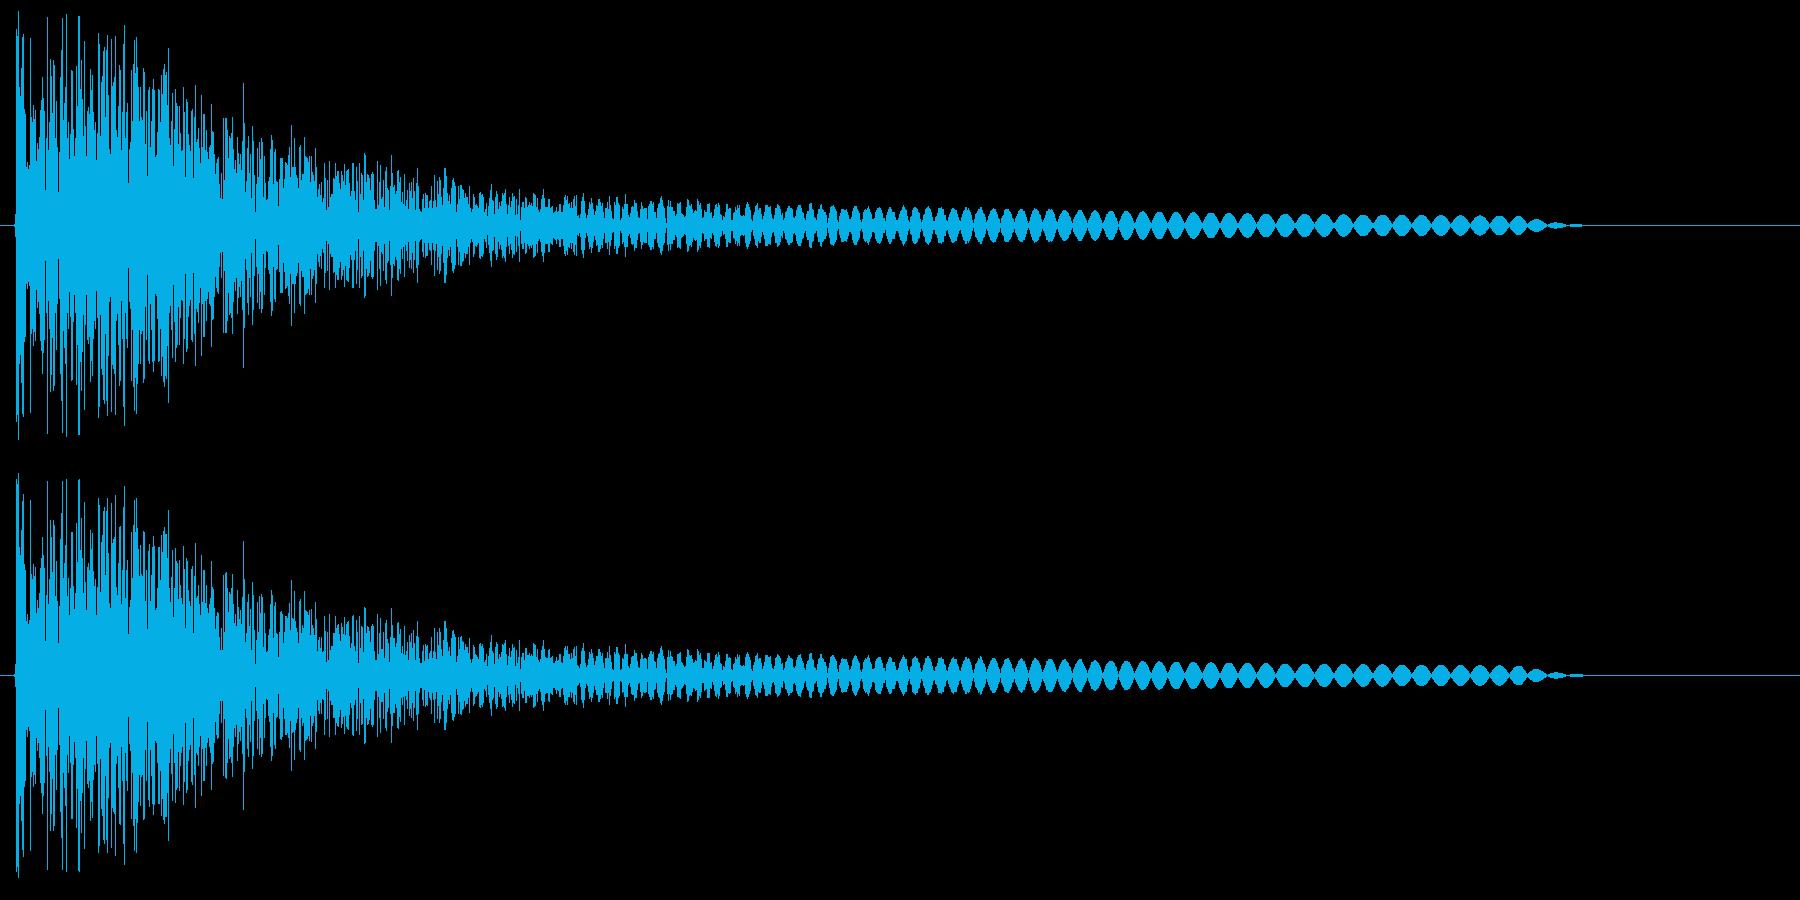 ボーーン(爆発音や炎を吐く音)の再生済みの波形